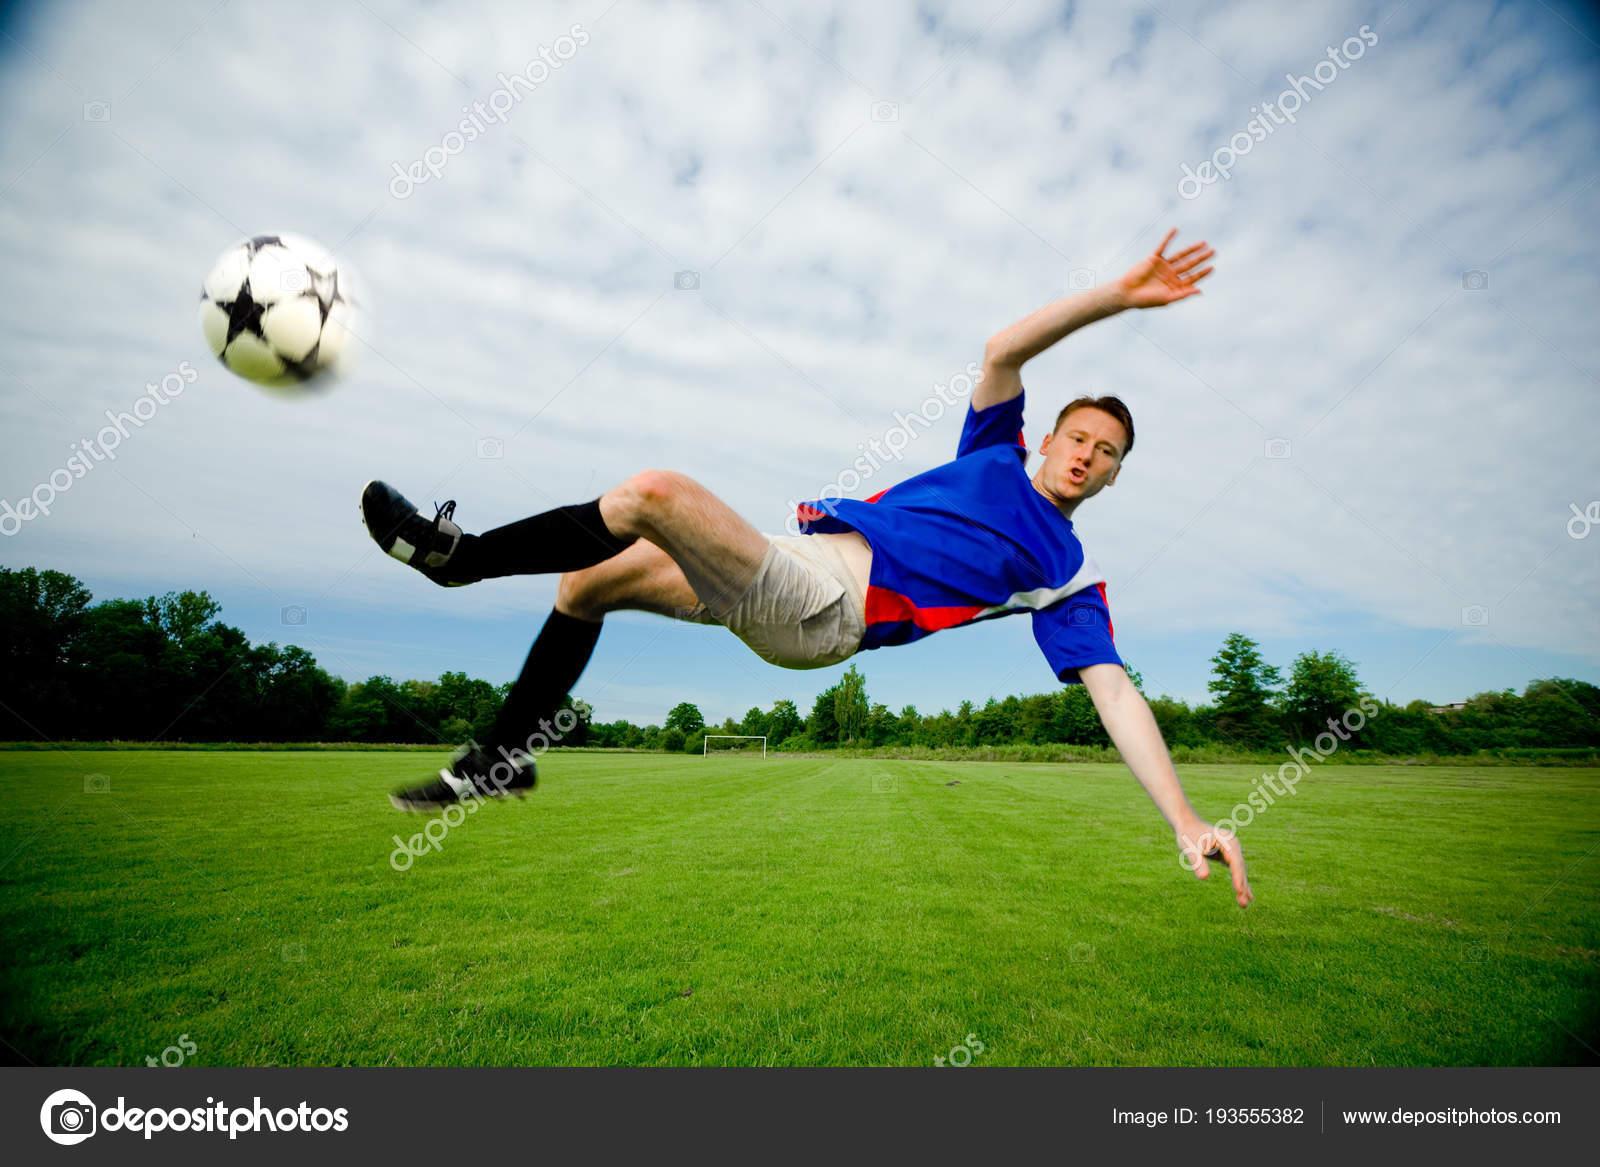 Hombre Jugando Al Futbol Foto De Stock C Nullplus 193555382